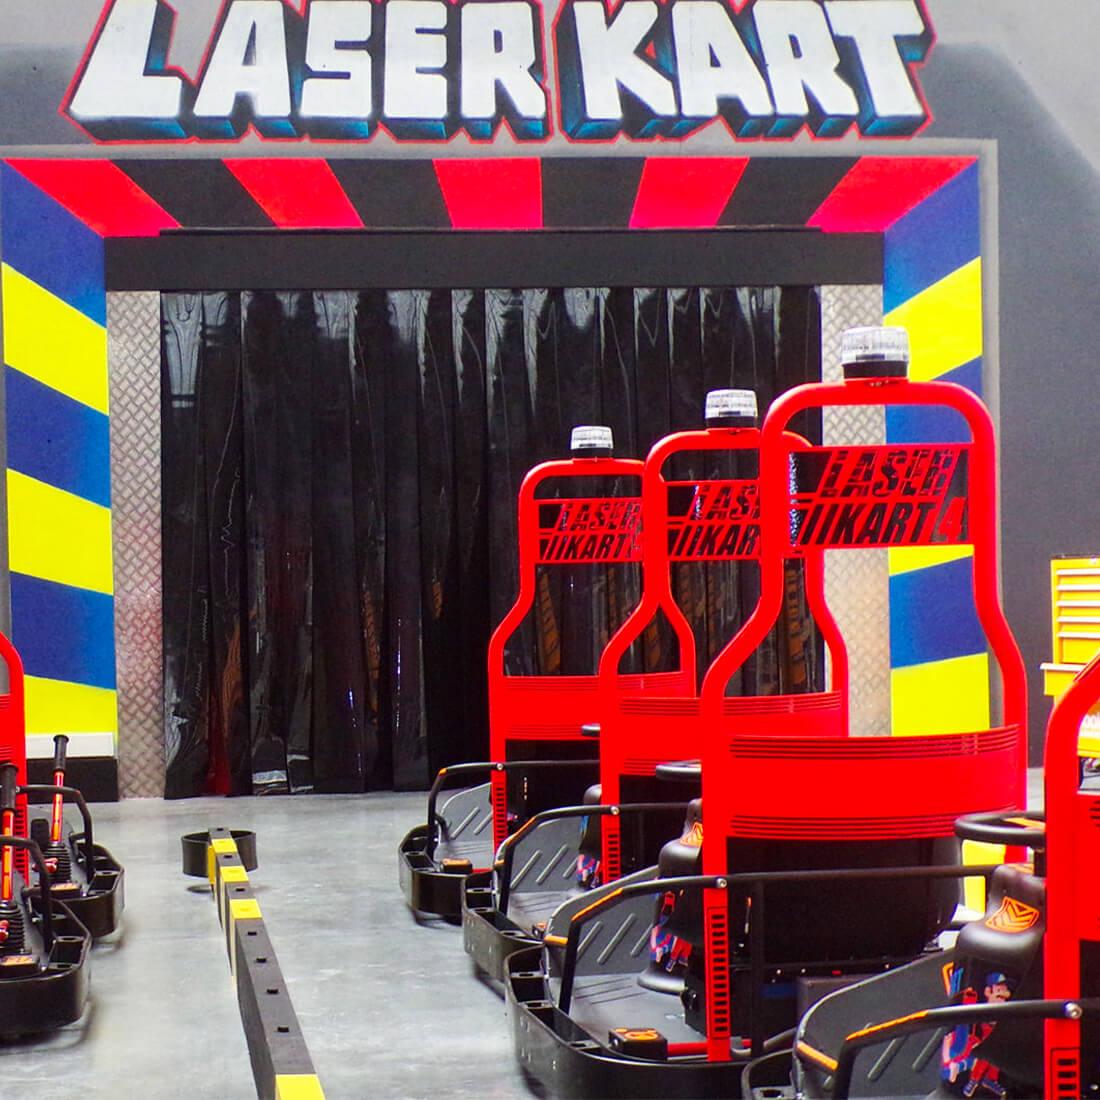 Laser kart